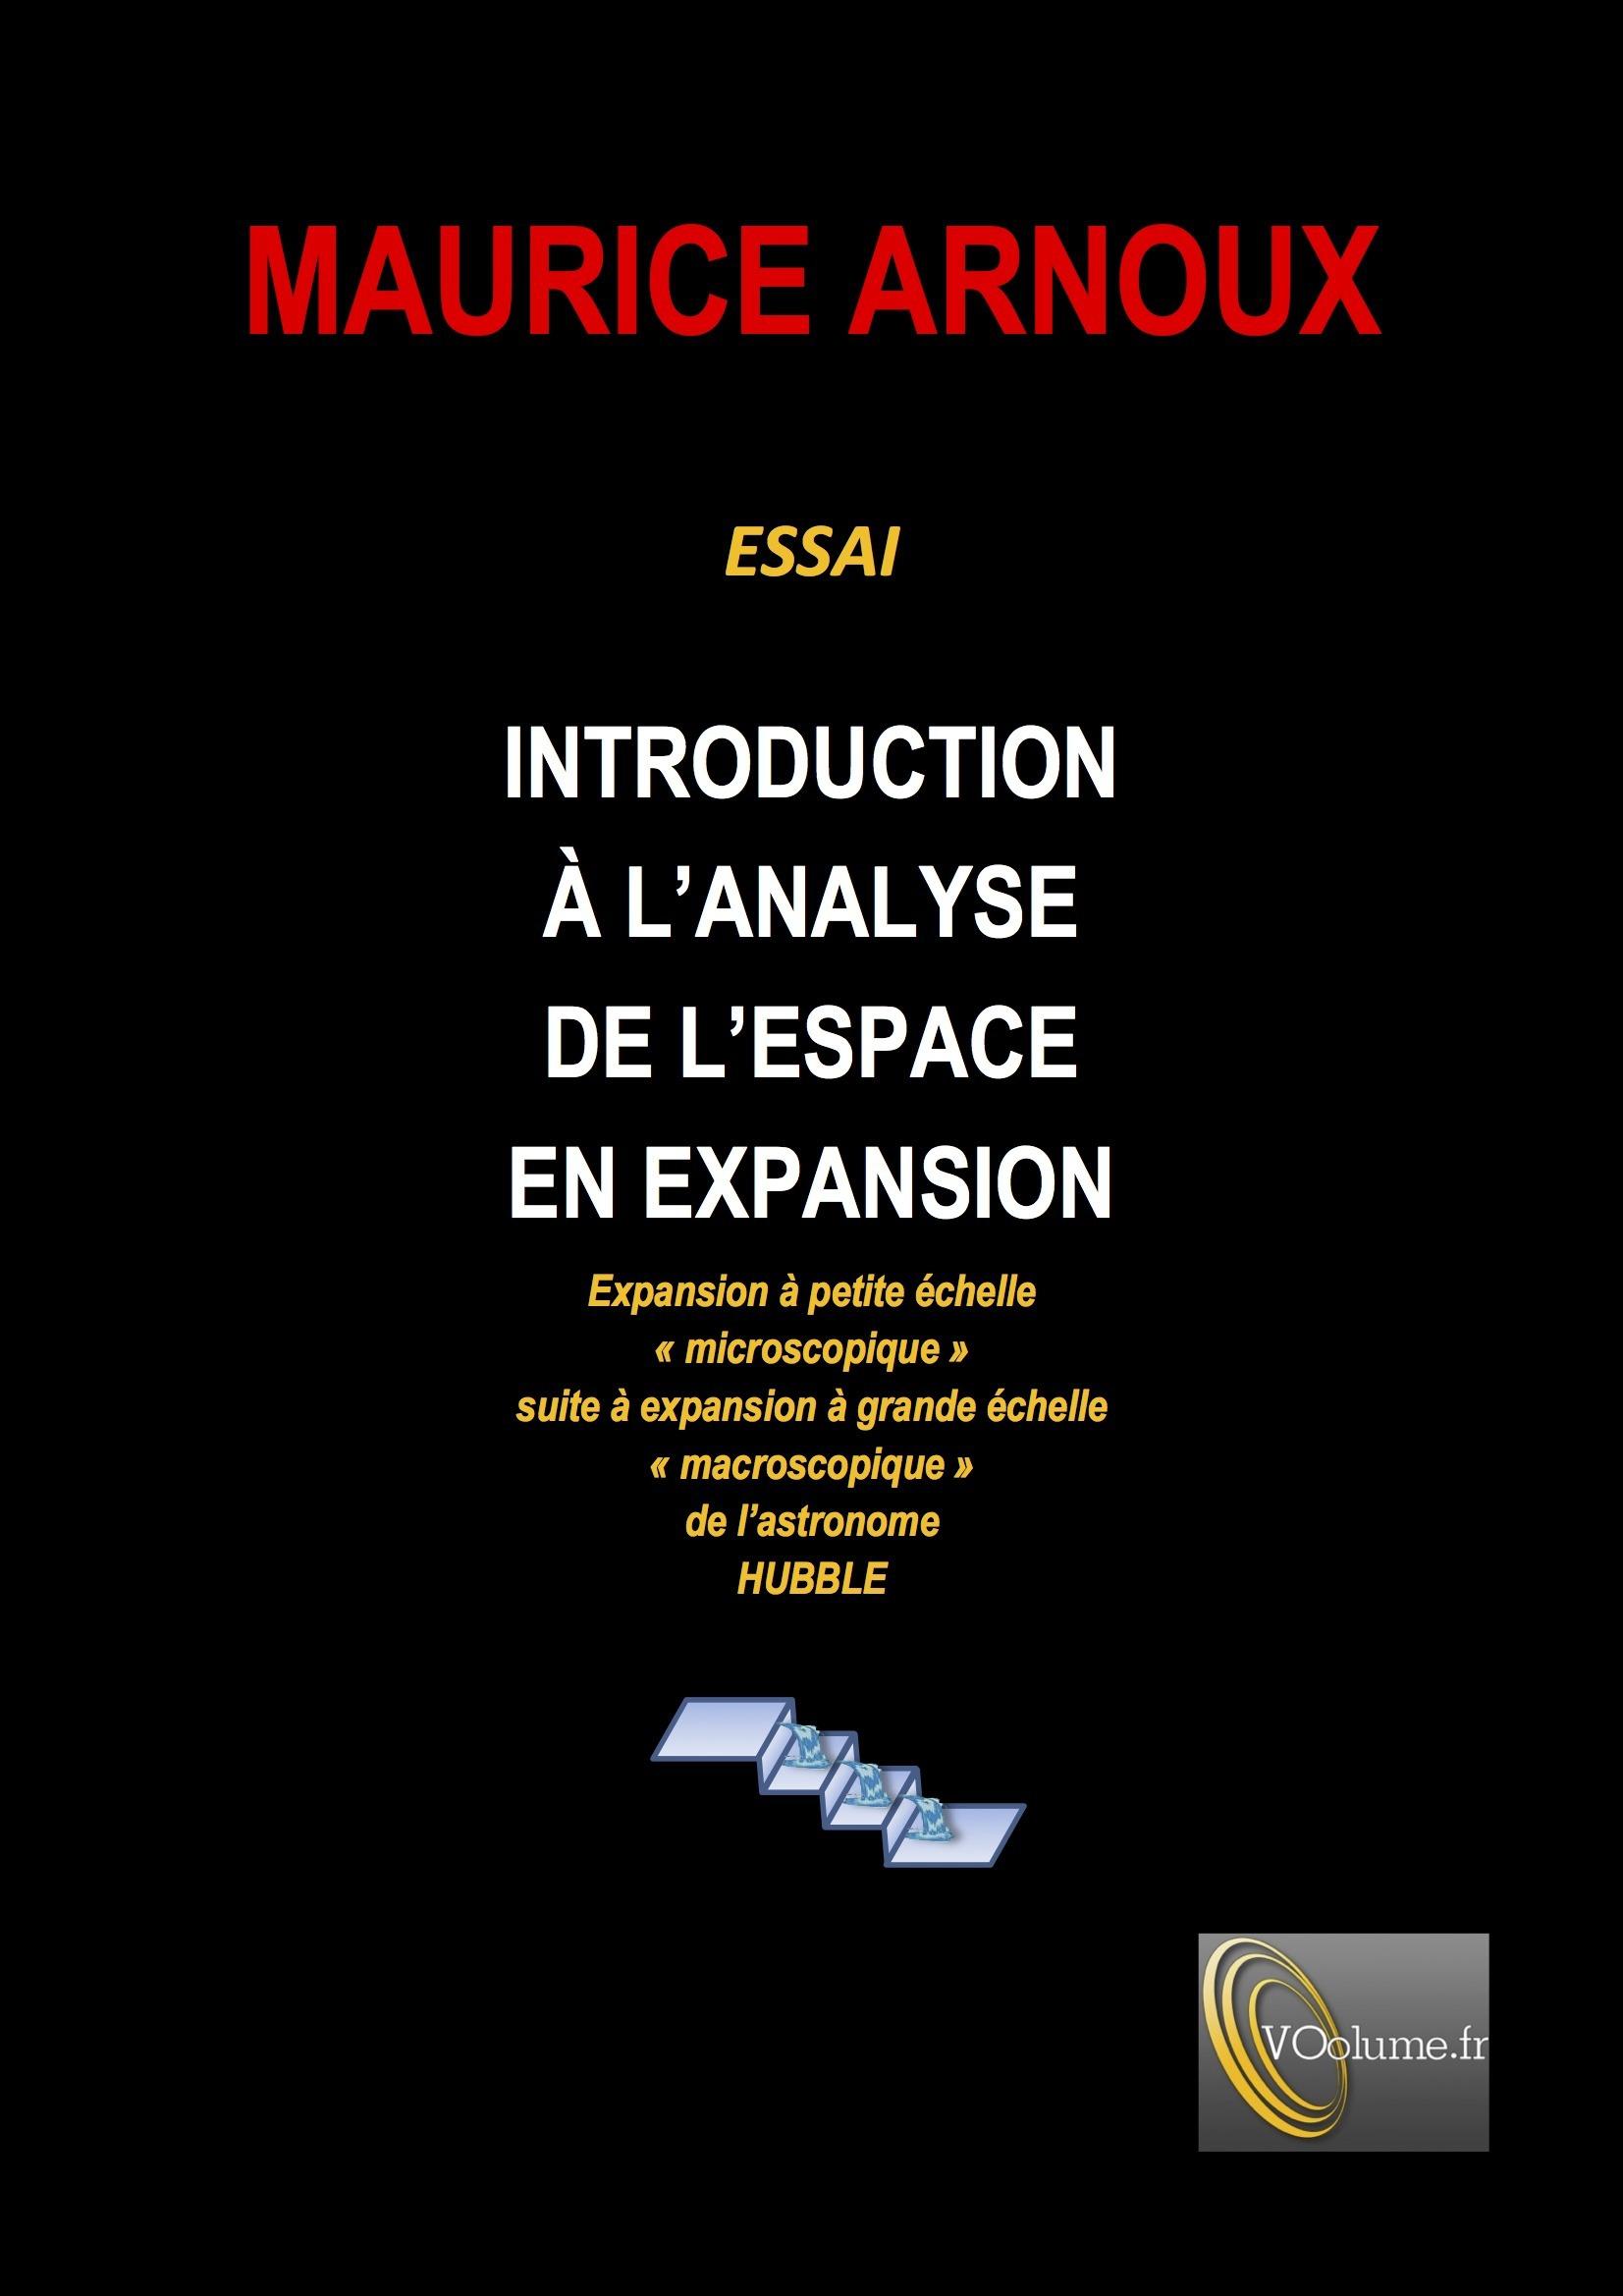 Introduction à l'analyse de l'espace en expansion ; expansion à petite échelle microscopique suite à une expansion à grande échelle macroscopique de l'astronome Hubble